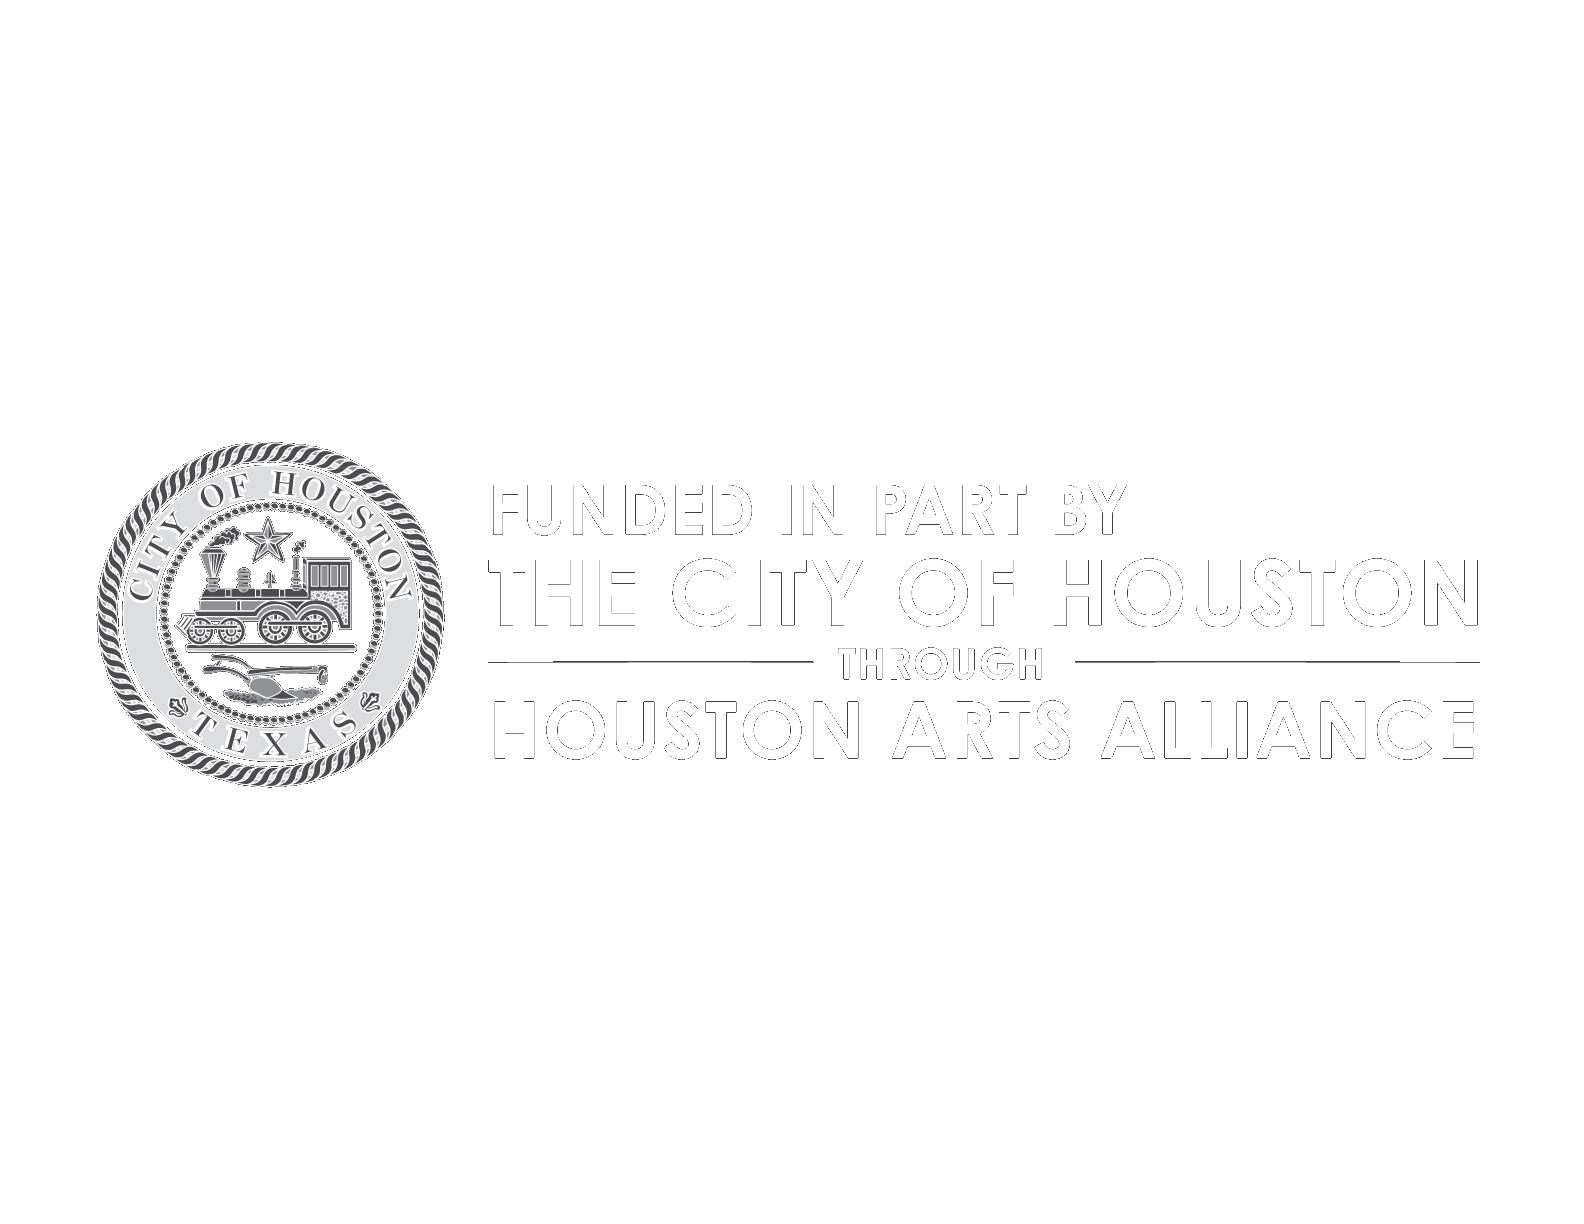 Houston Arts Alliance